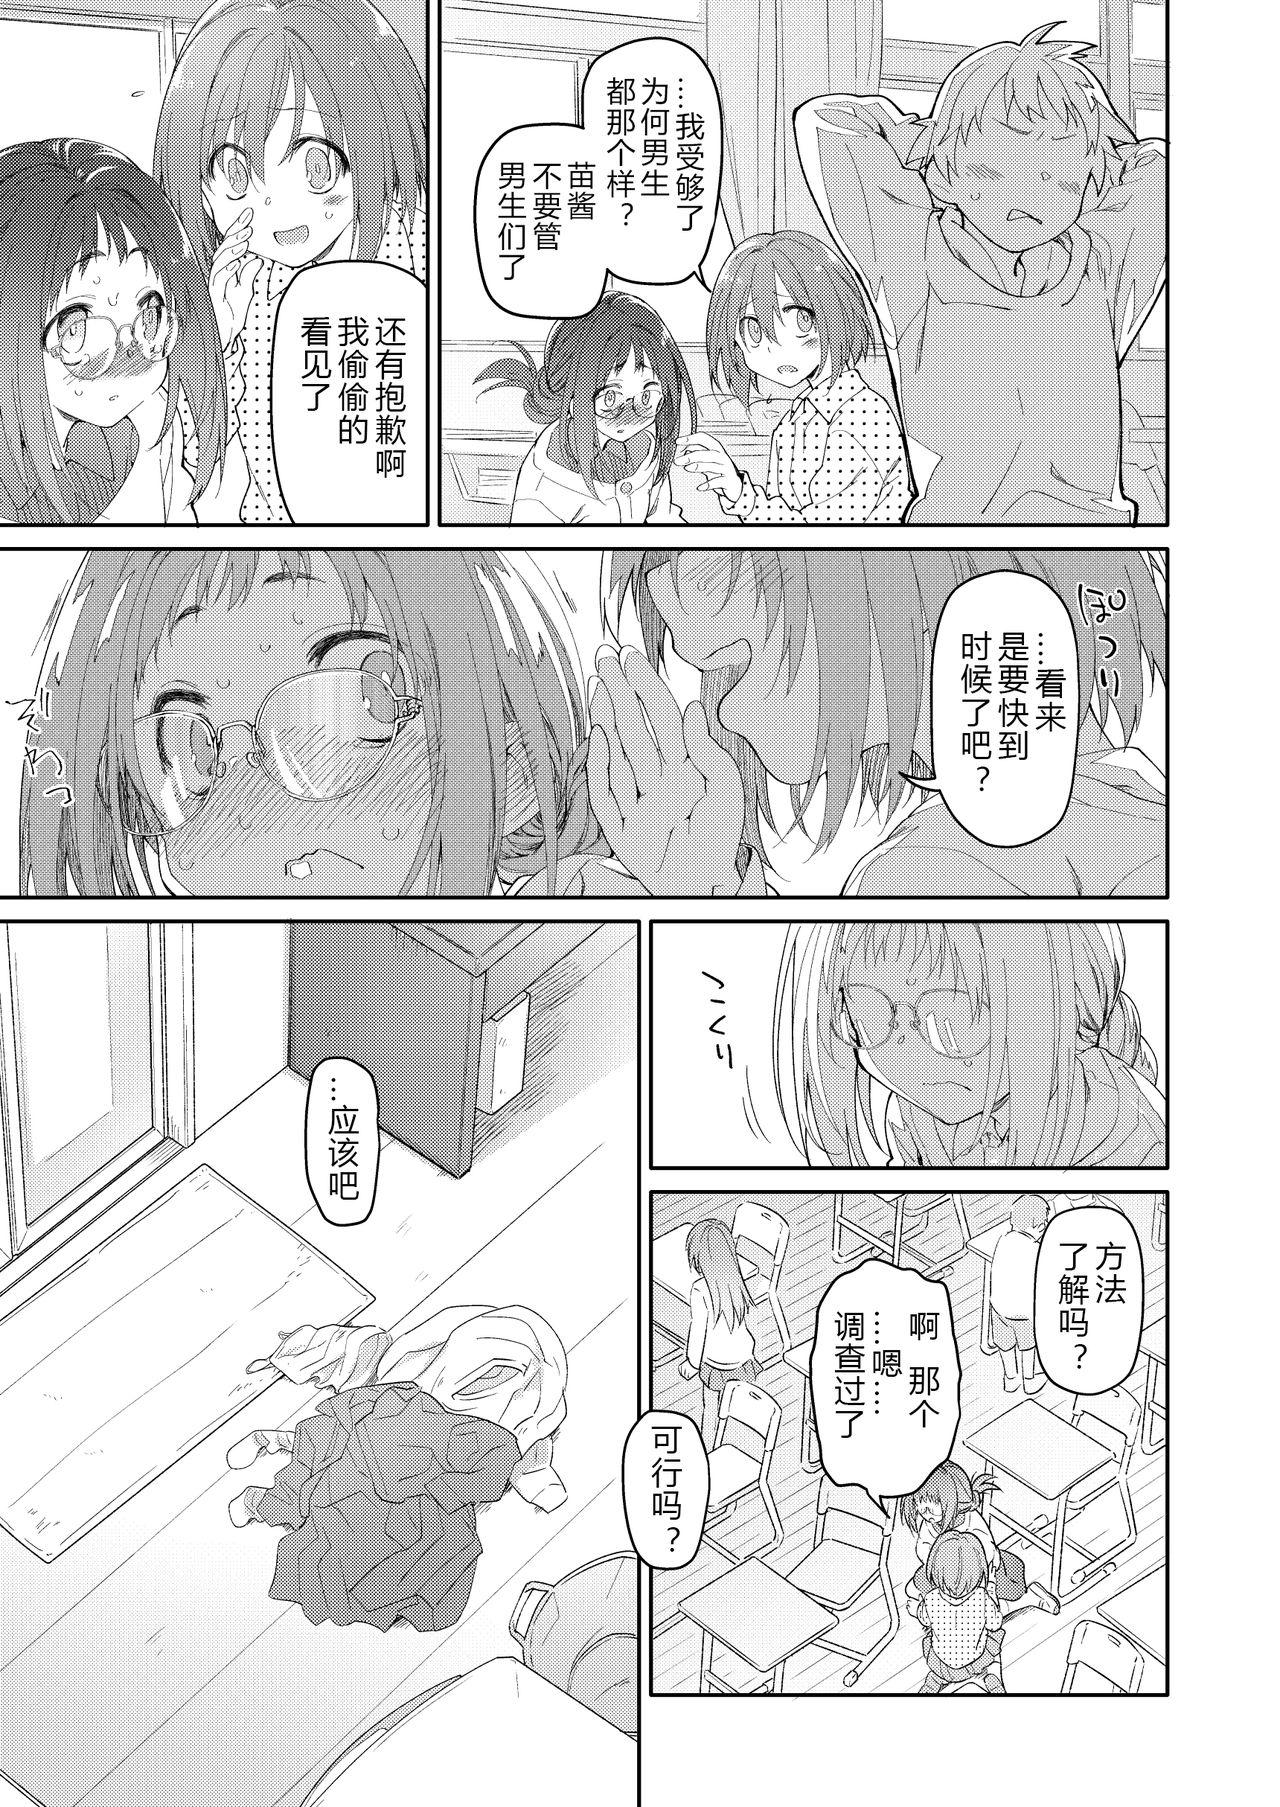 Skirt to Kiseichuu 13